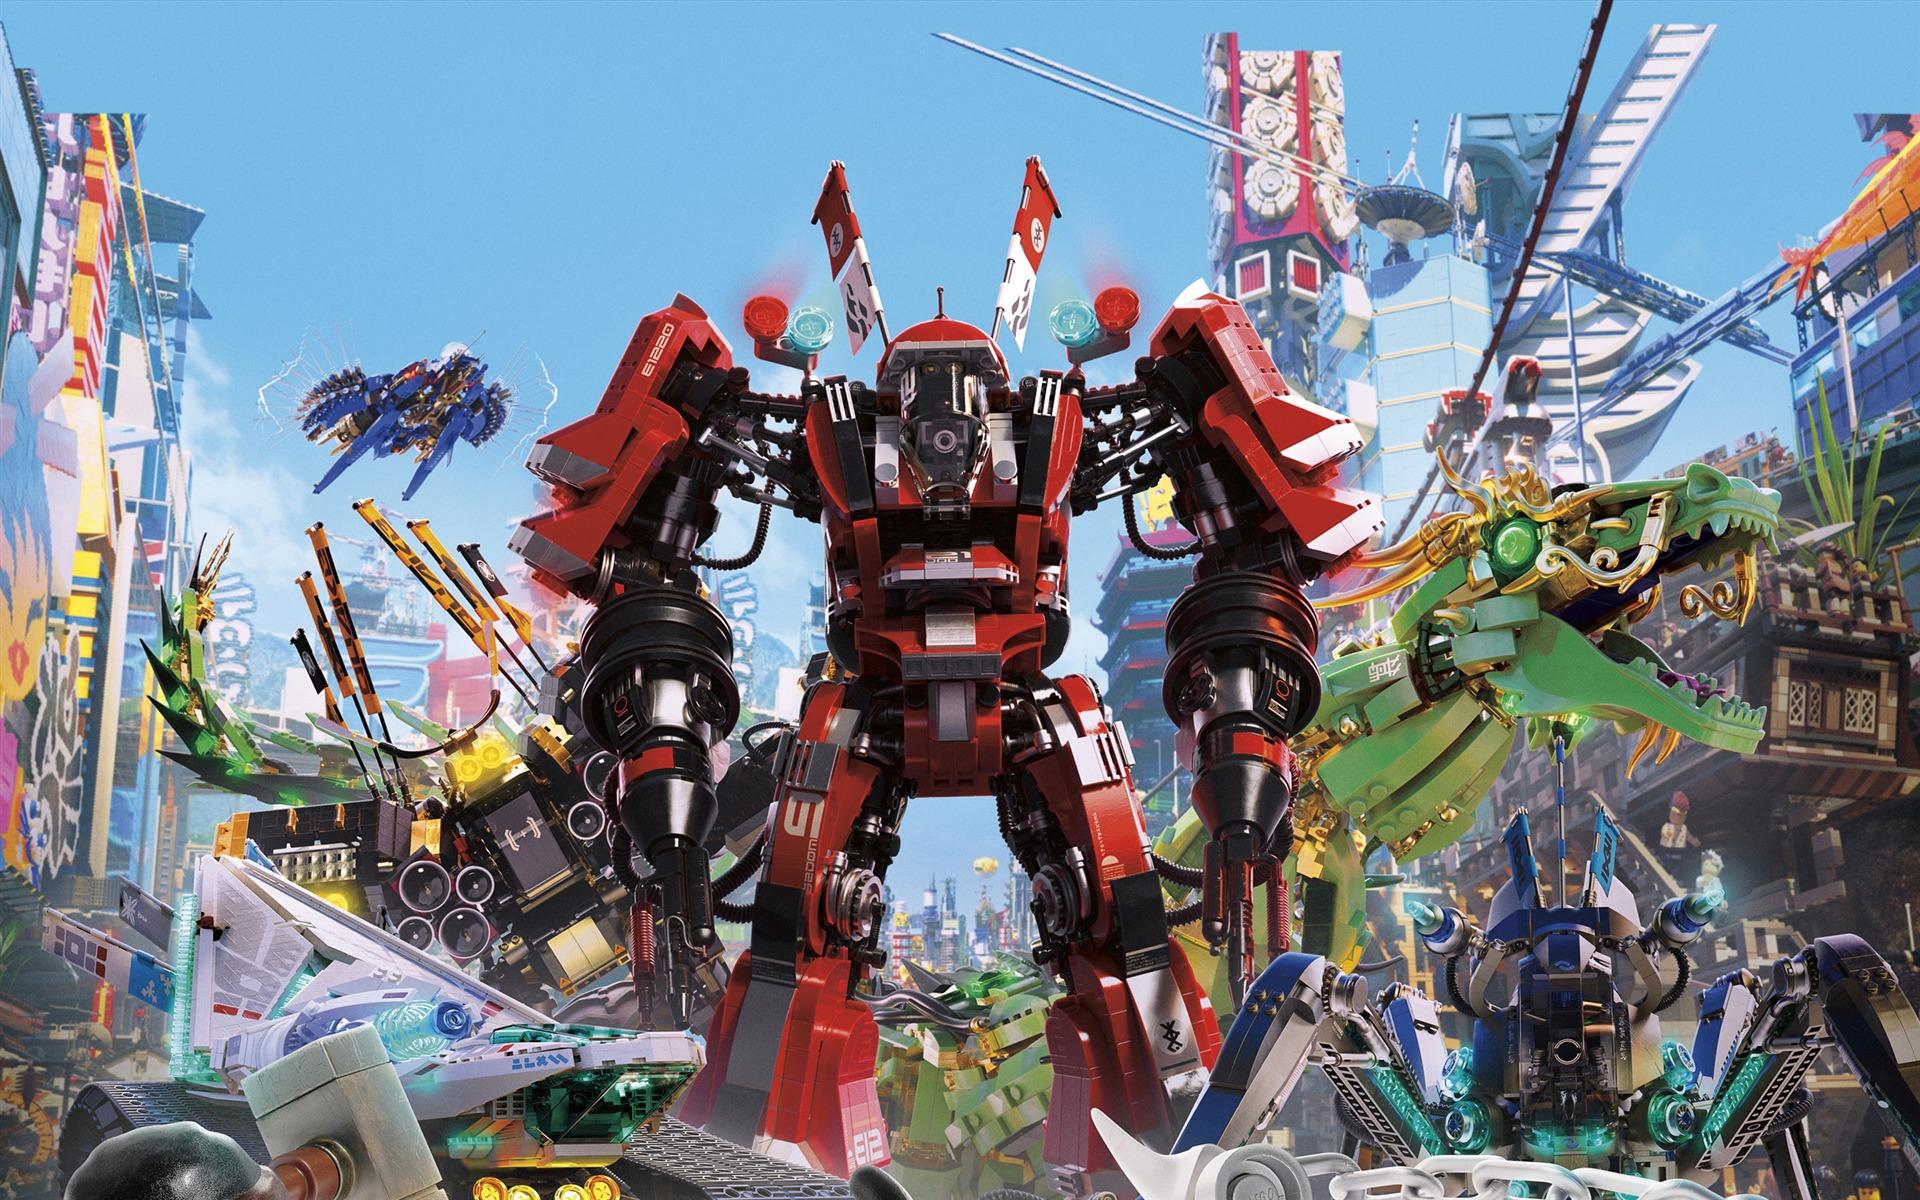 乐高幻影忍者大电影 The LEGO Ninjago Movie高品质壁纸预览 | 10wallpaper.com